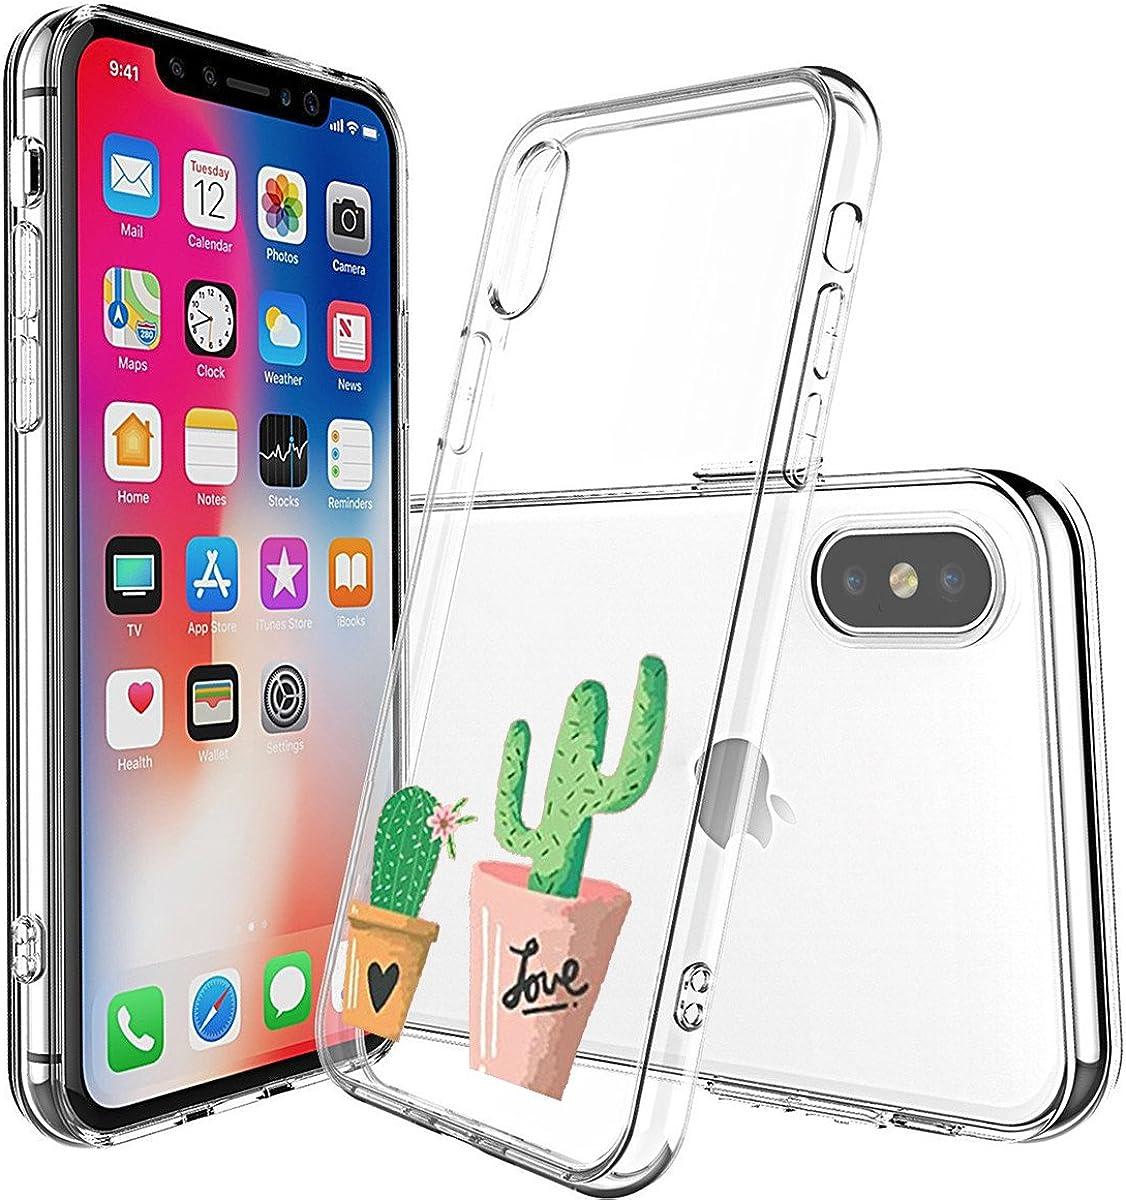 Cover iPhone X Trasparente, iPhone X Cover Silicone Ultra Simpatico Disegno Animale Slim Custodia in Silicone Antiurto No-Slip Anti-Graffio Semi ...